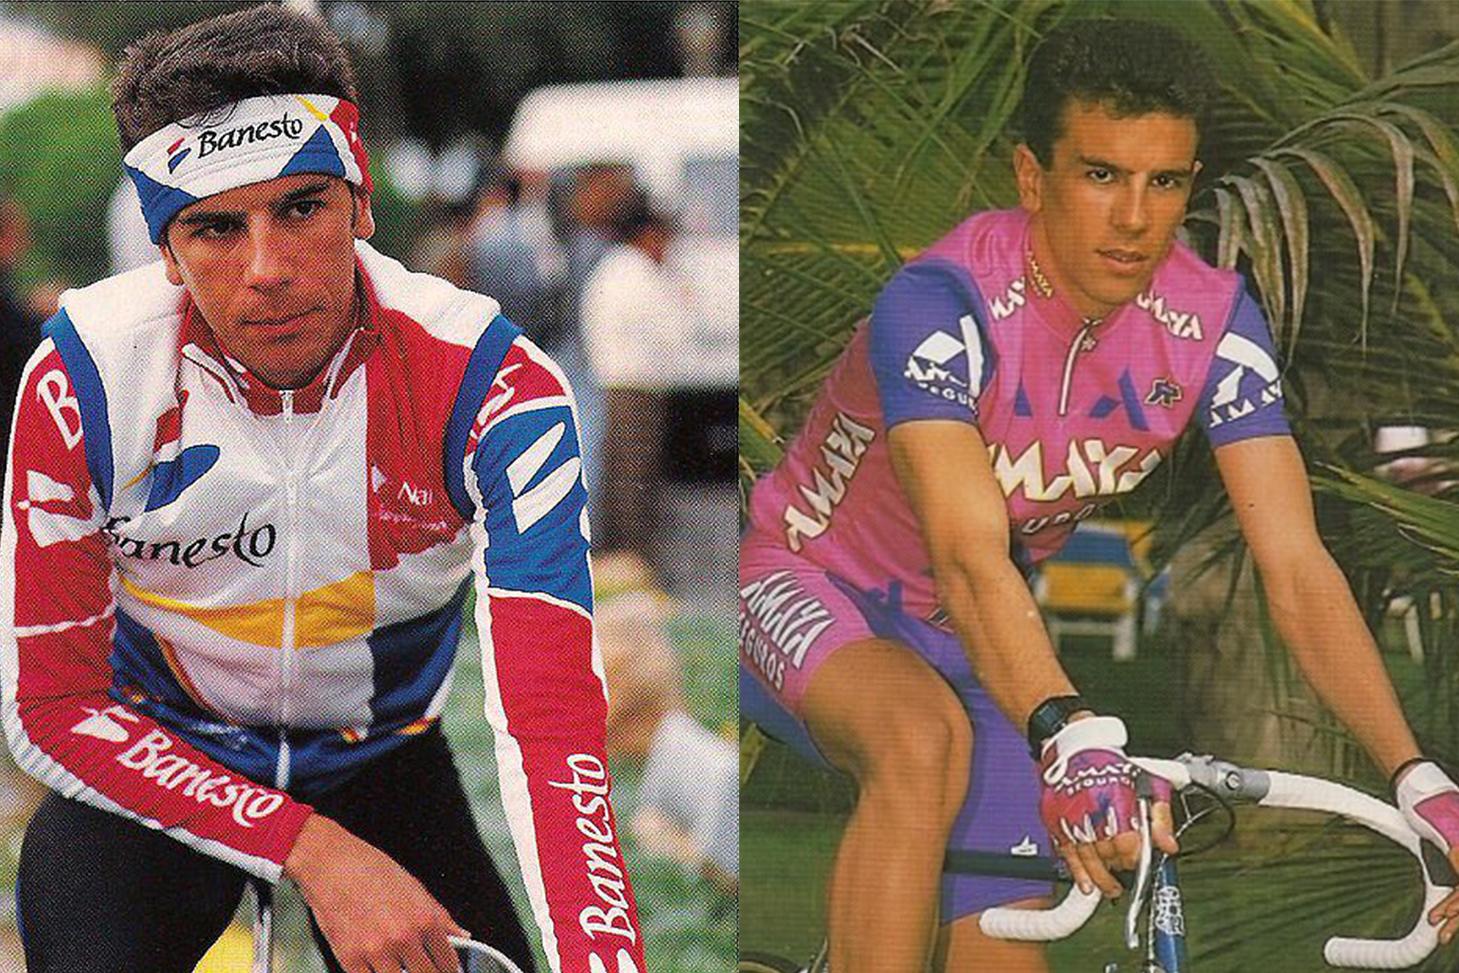 25 años sin Antonio Martin, ciclista del Amaya Seguros y el Banesto